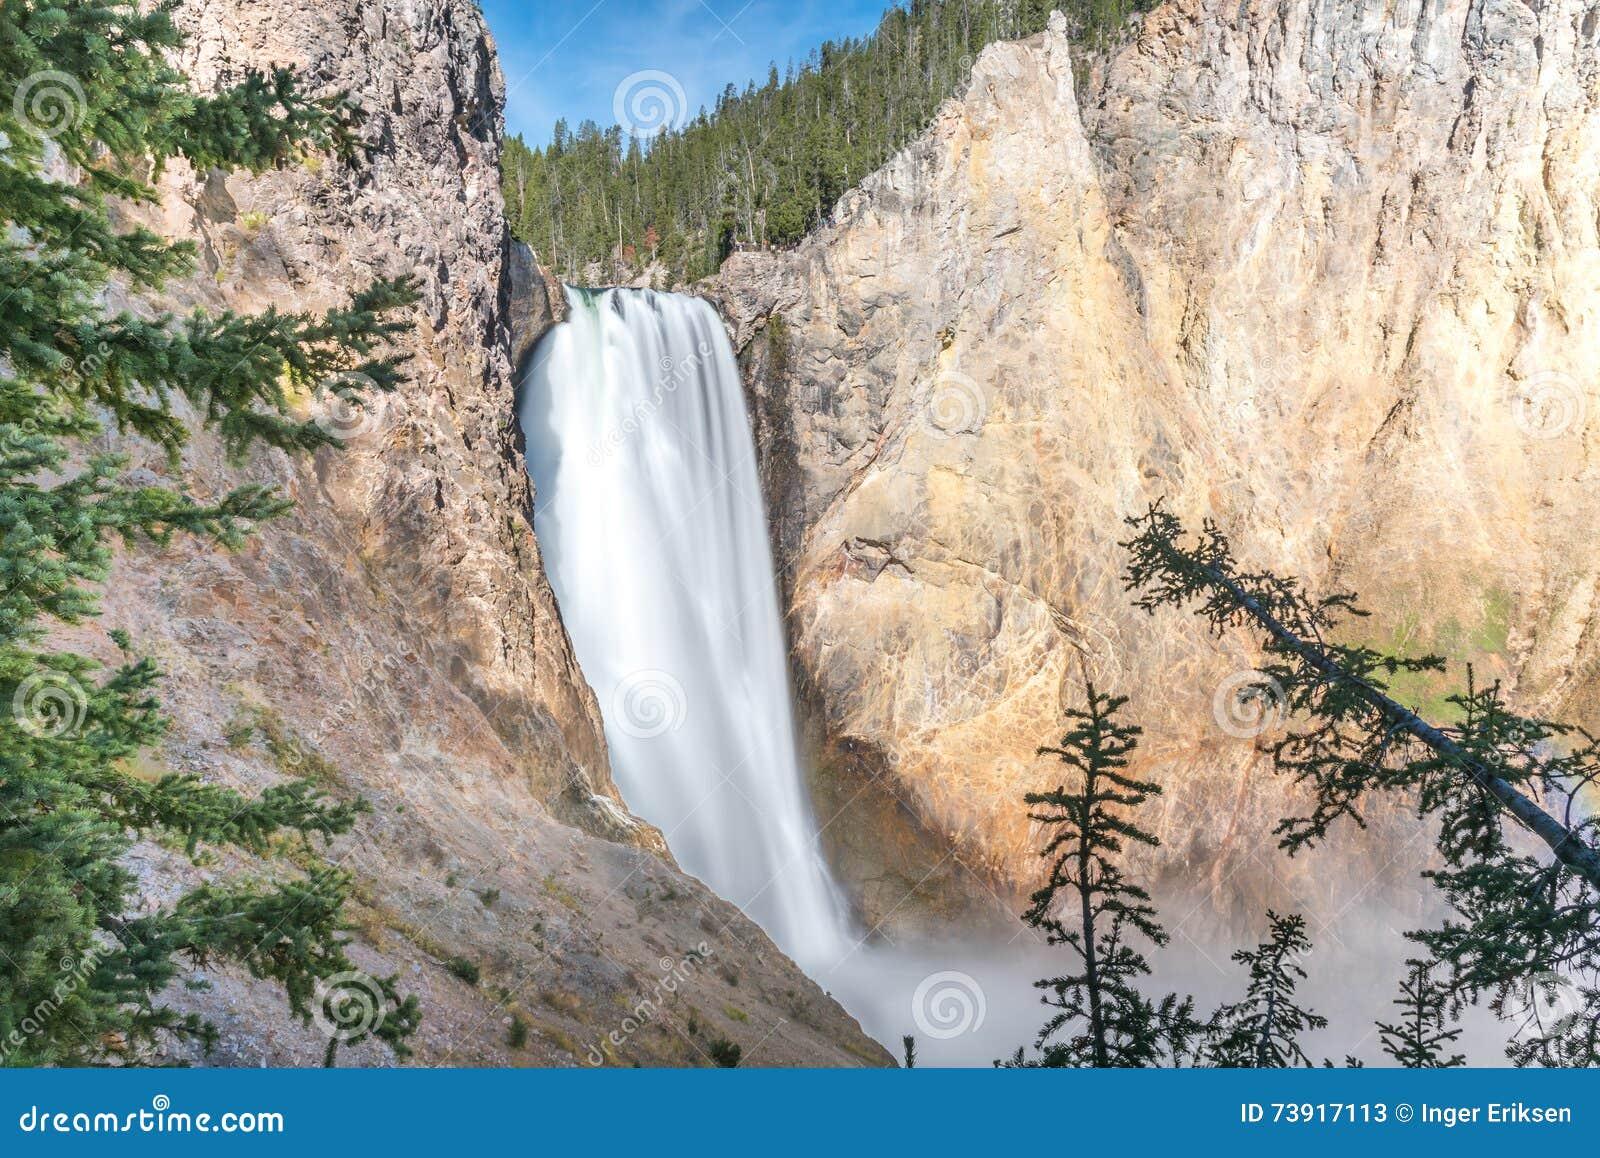 Το Yellowstone χαμηλώνει τις πτώσεις